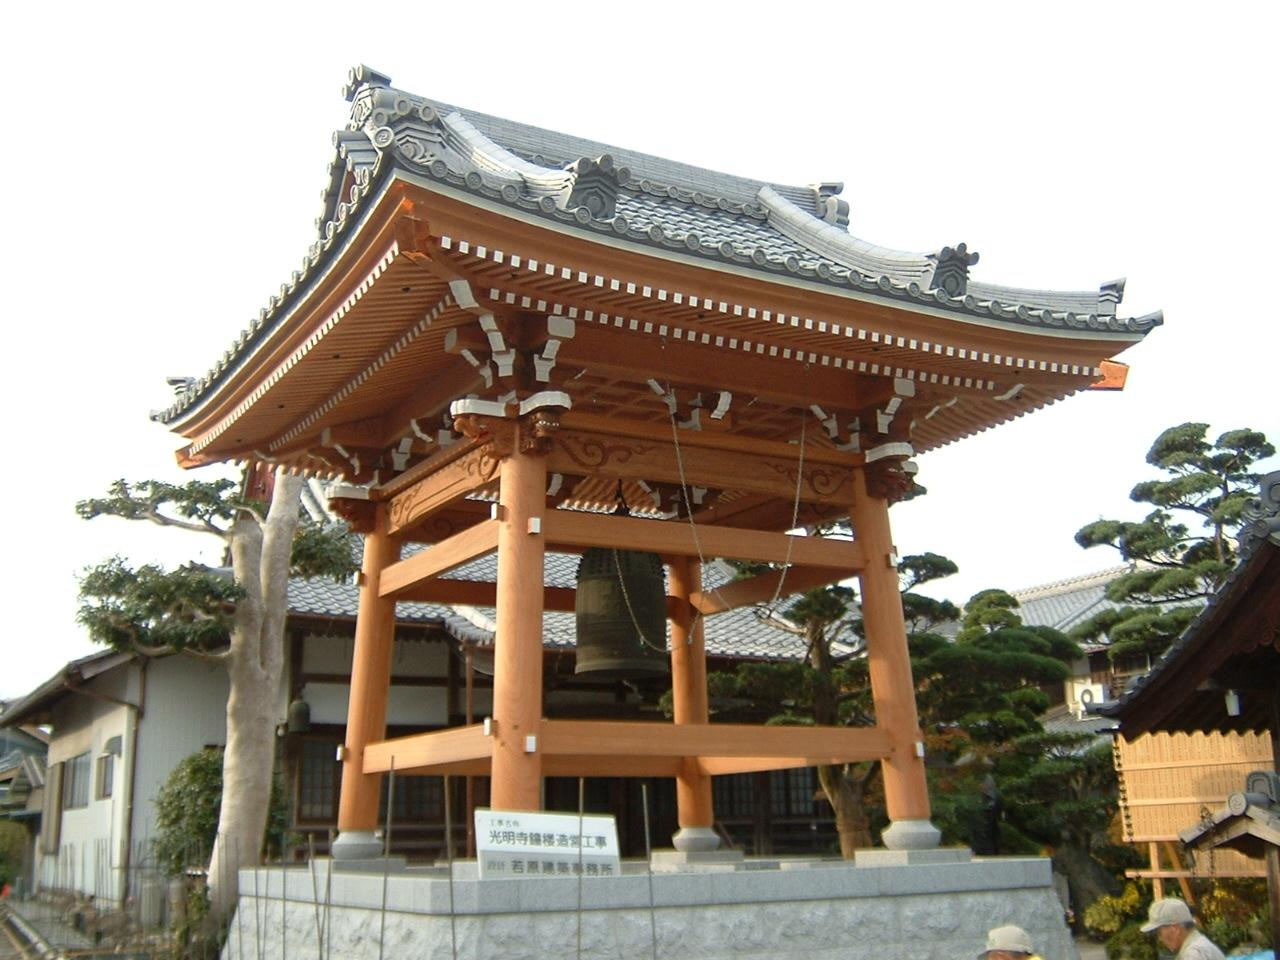 光明寺(政田)・鐘楼造営詳細へ